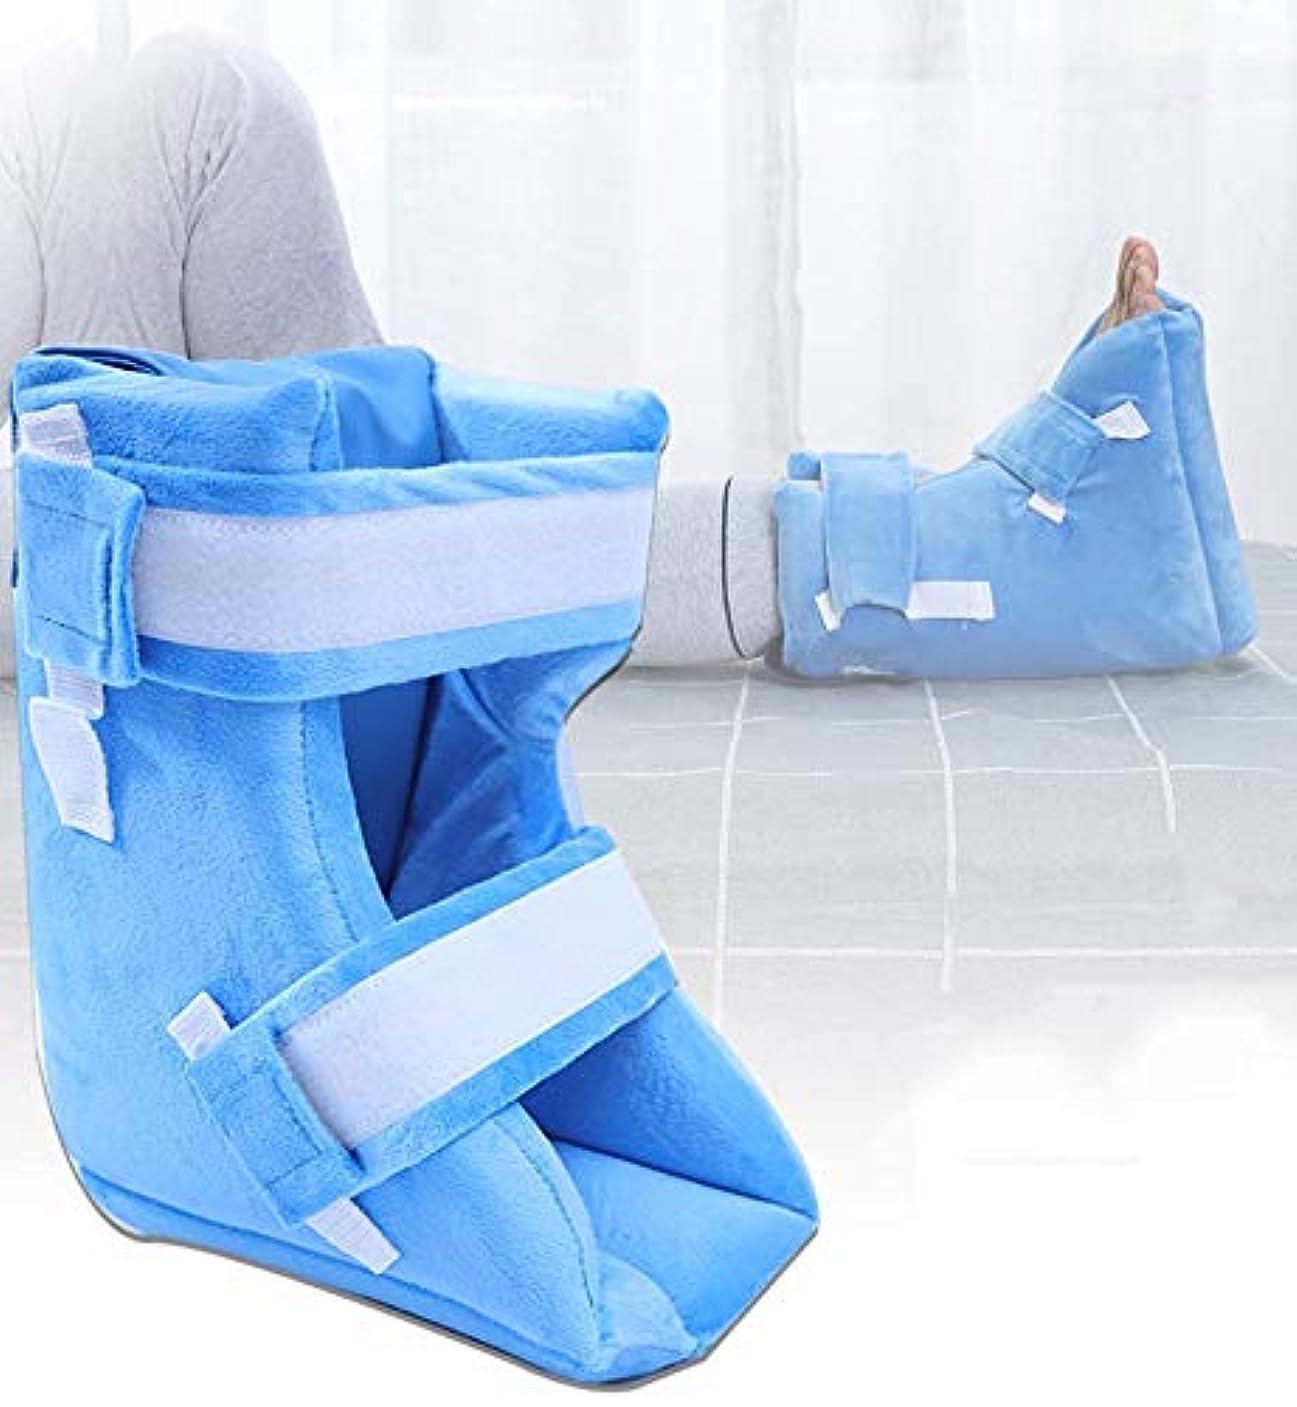 憂鬱ウールけん引1 足の枕ヒール保護パッド通気性スポンジフィラー、ヒールと足保護圧力痛みとヒール潰瘍リリーフ (1PCS)